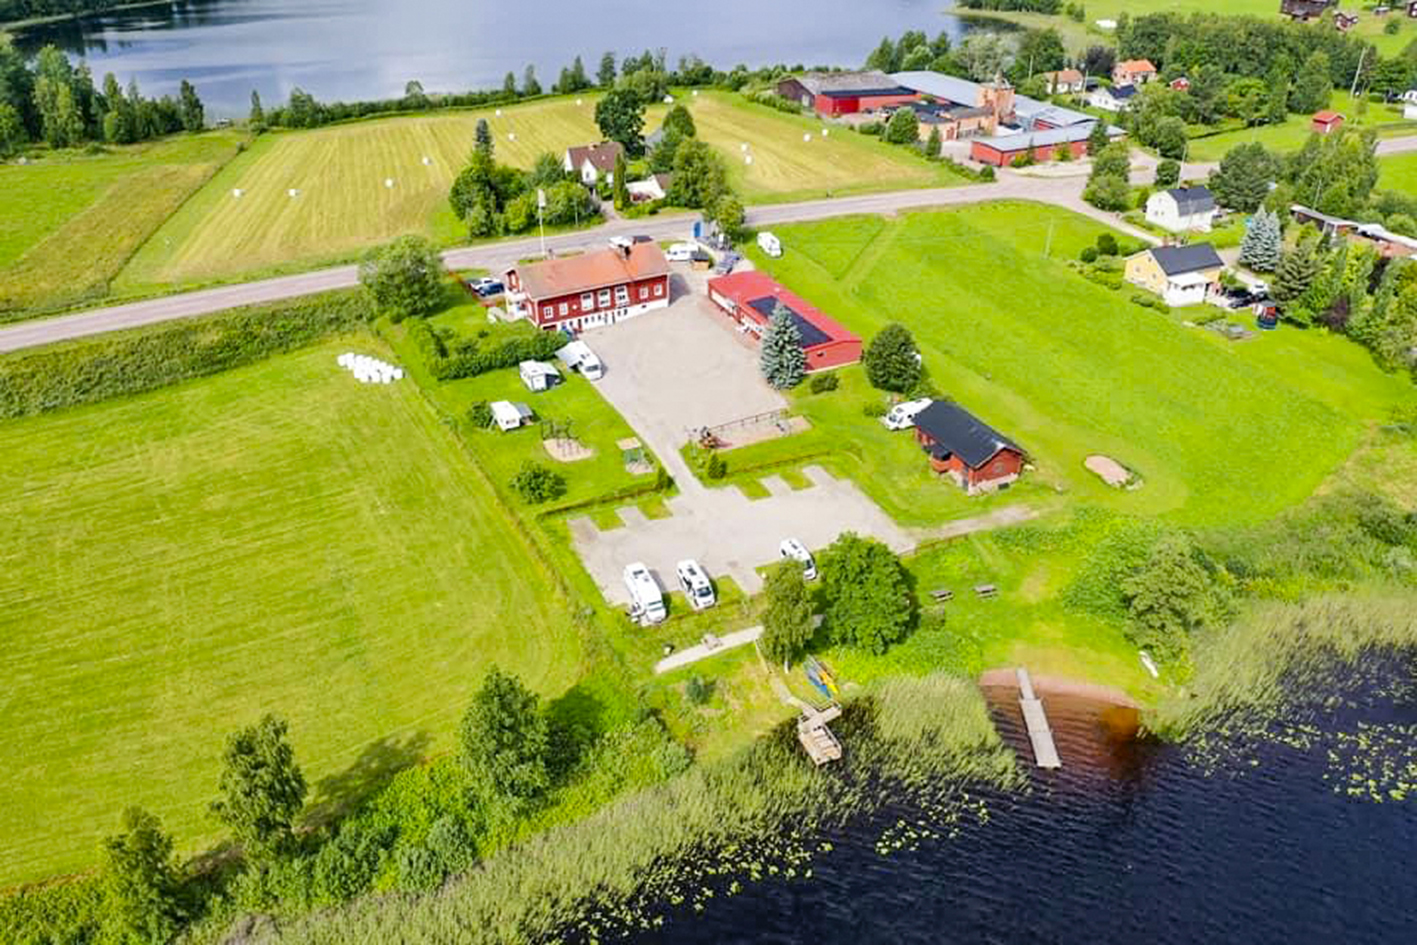 3. Tängerdalens camping & café, Dalarnas län.